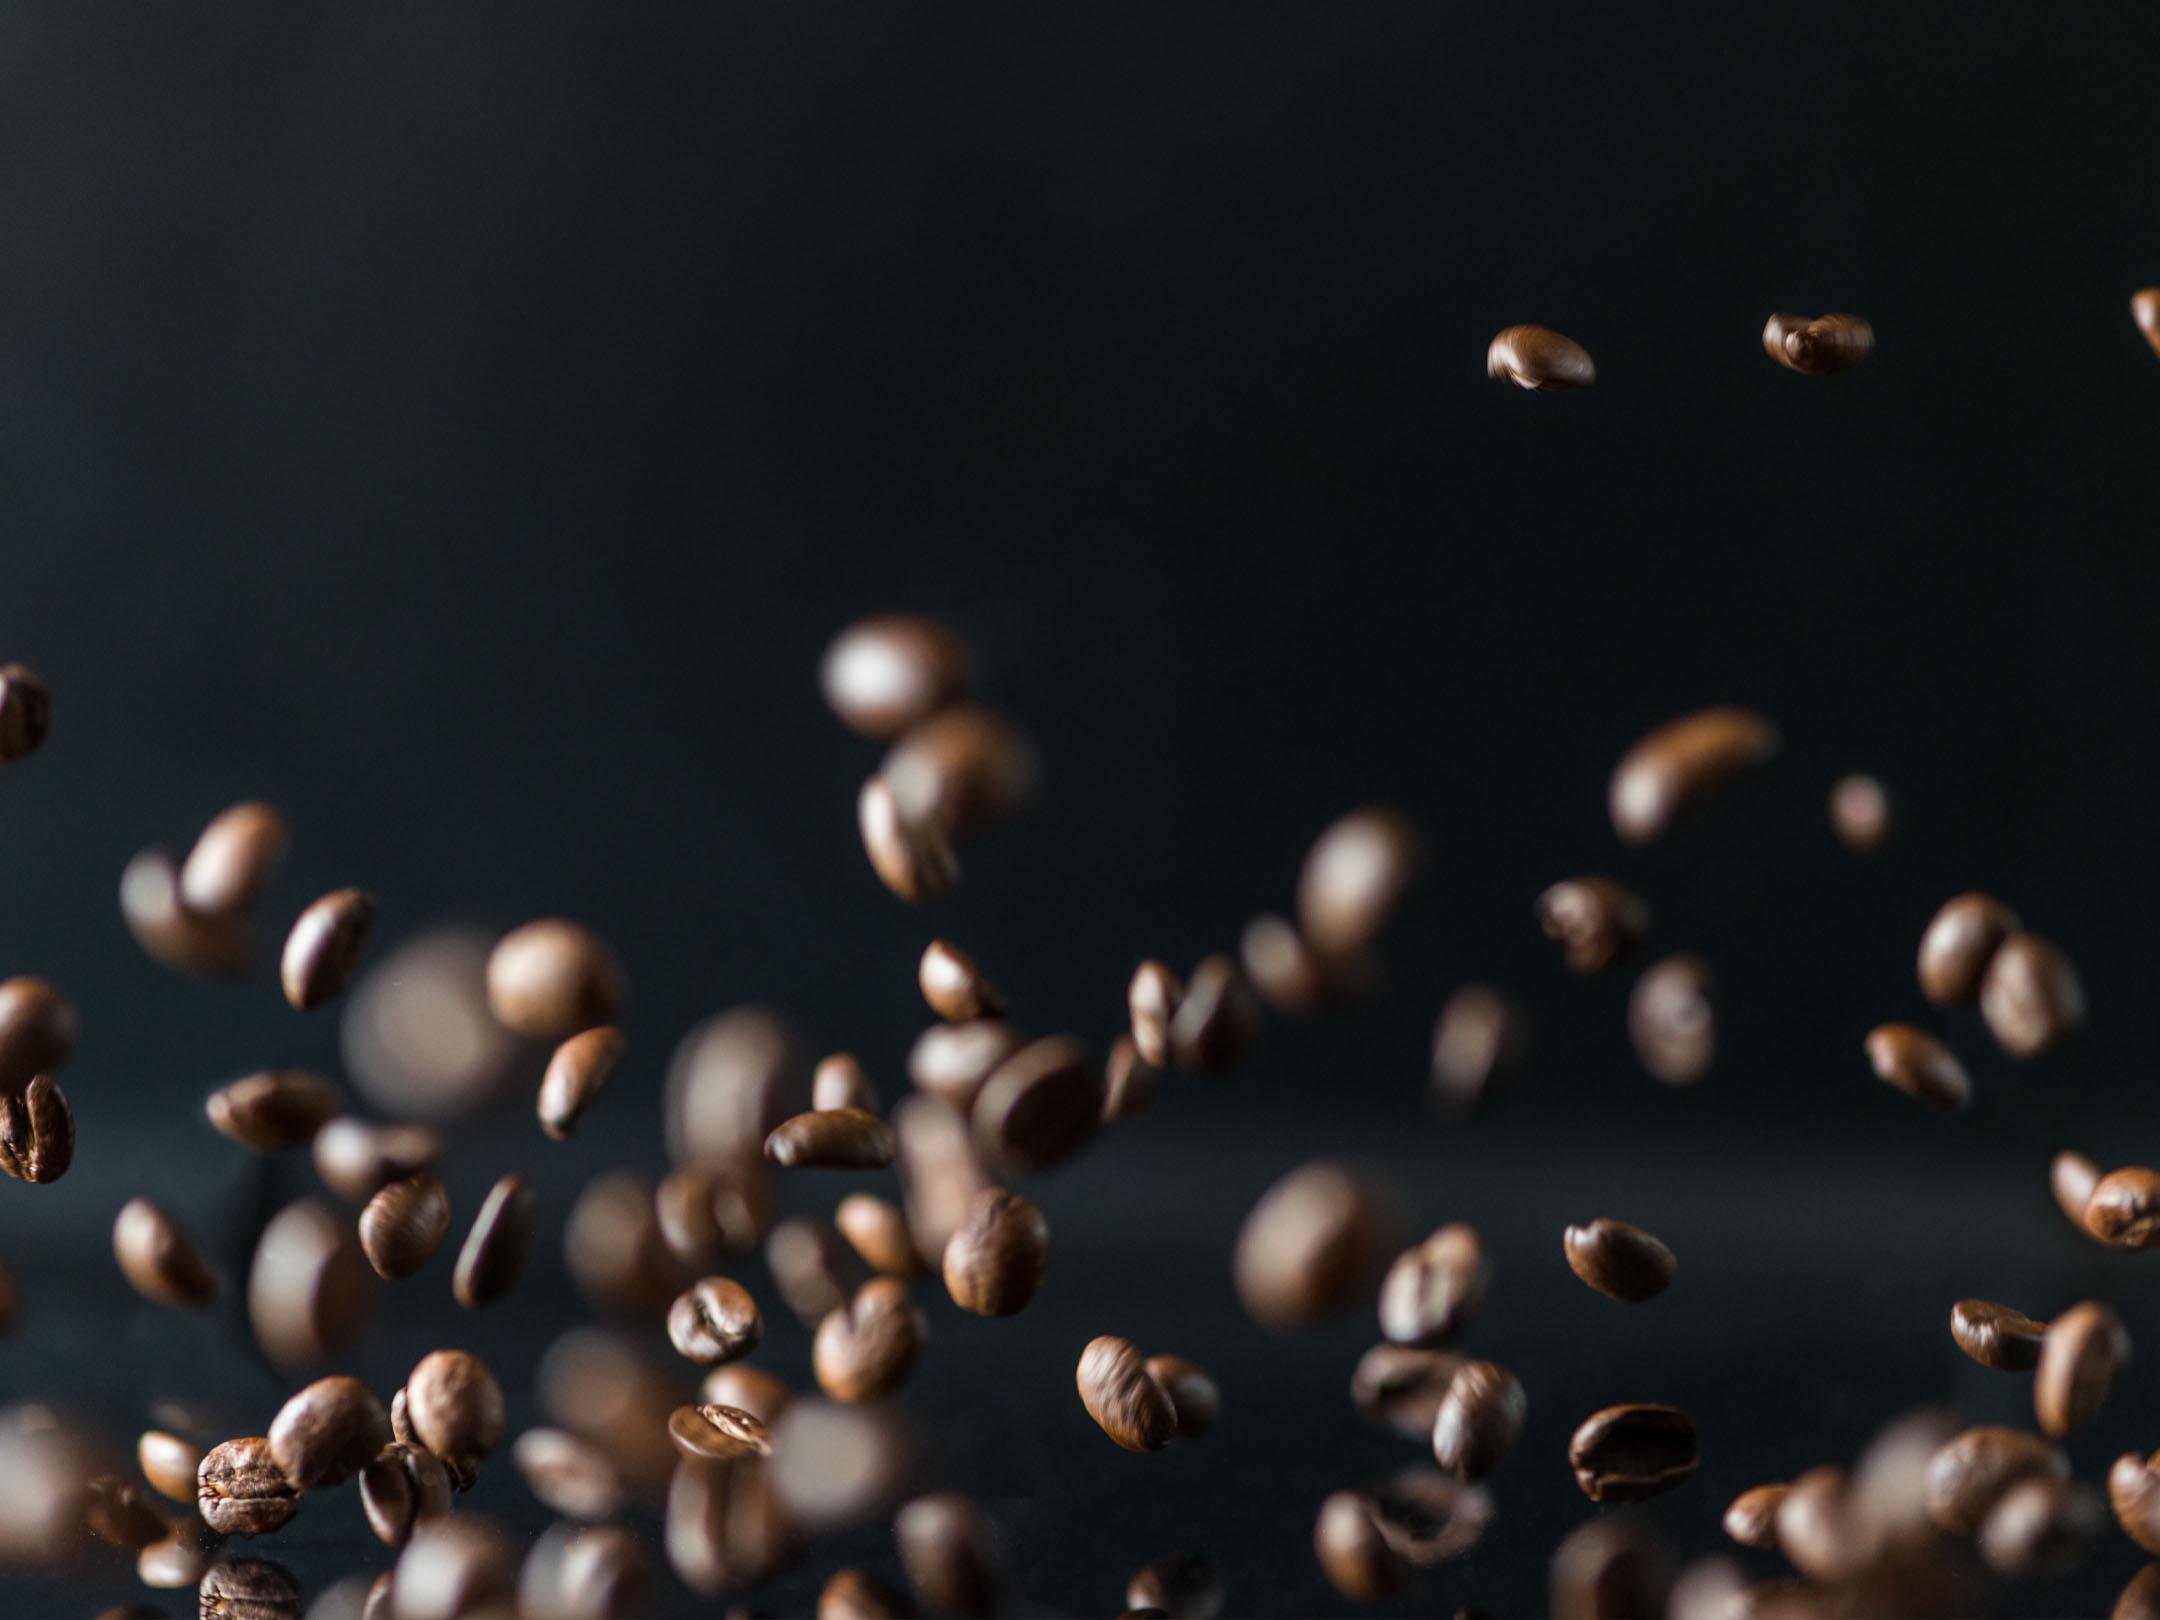 コーヒーは、モカから世界に広がった。